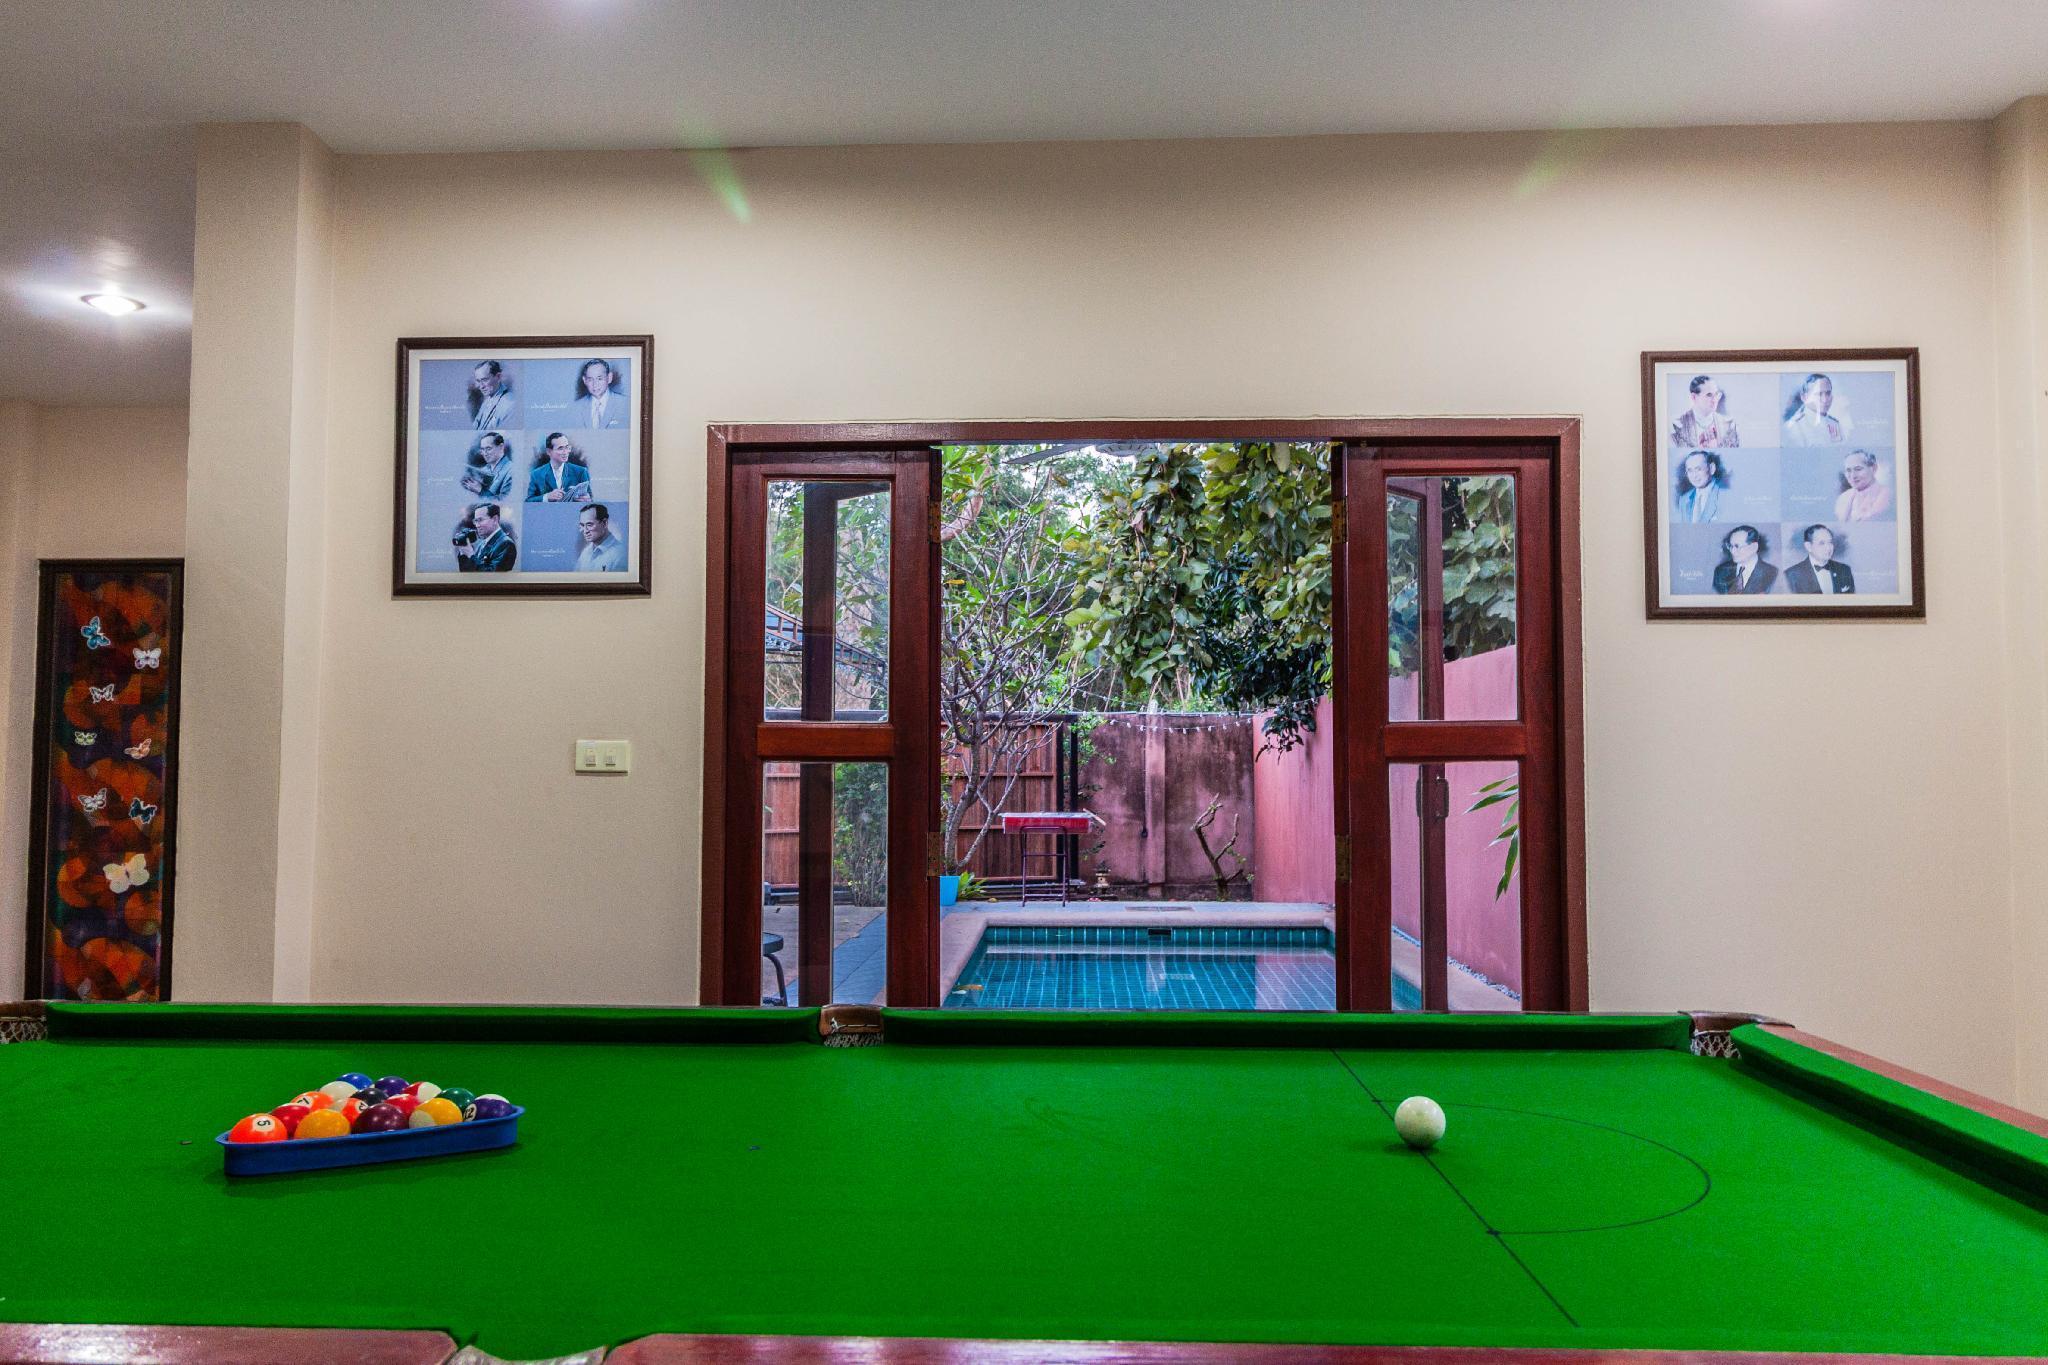 Jomtien 3 Bedroom Pool Villa Jomtien 3 Bedroom Pool Villa